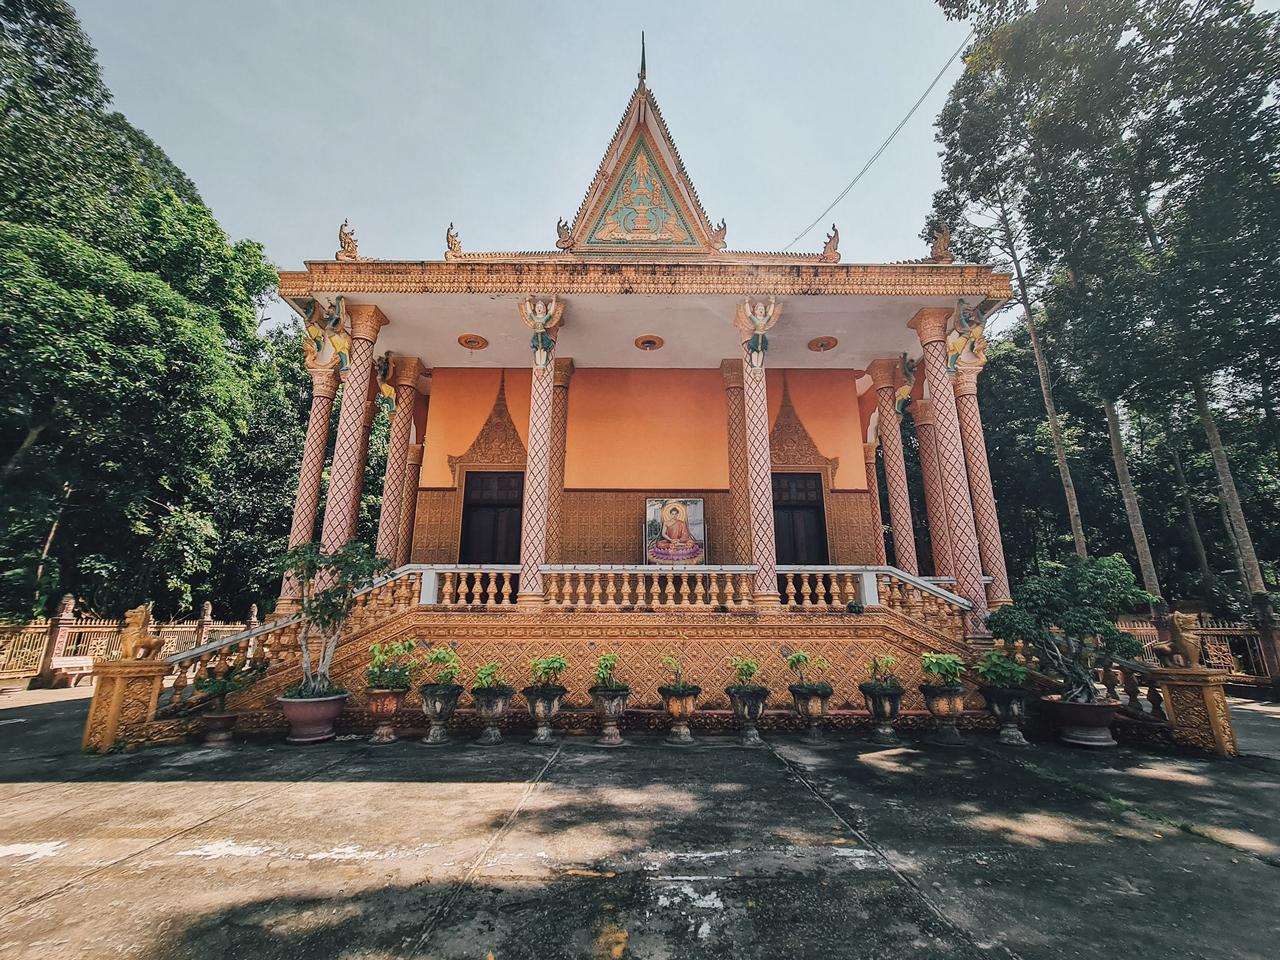 Chánh điện chùa Ba Thê - Photo by Nguyễn Khải Trung